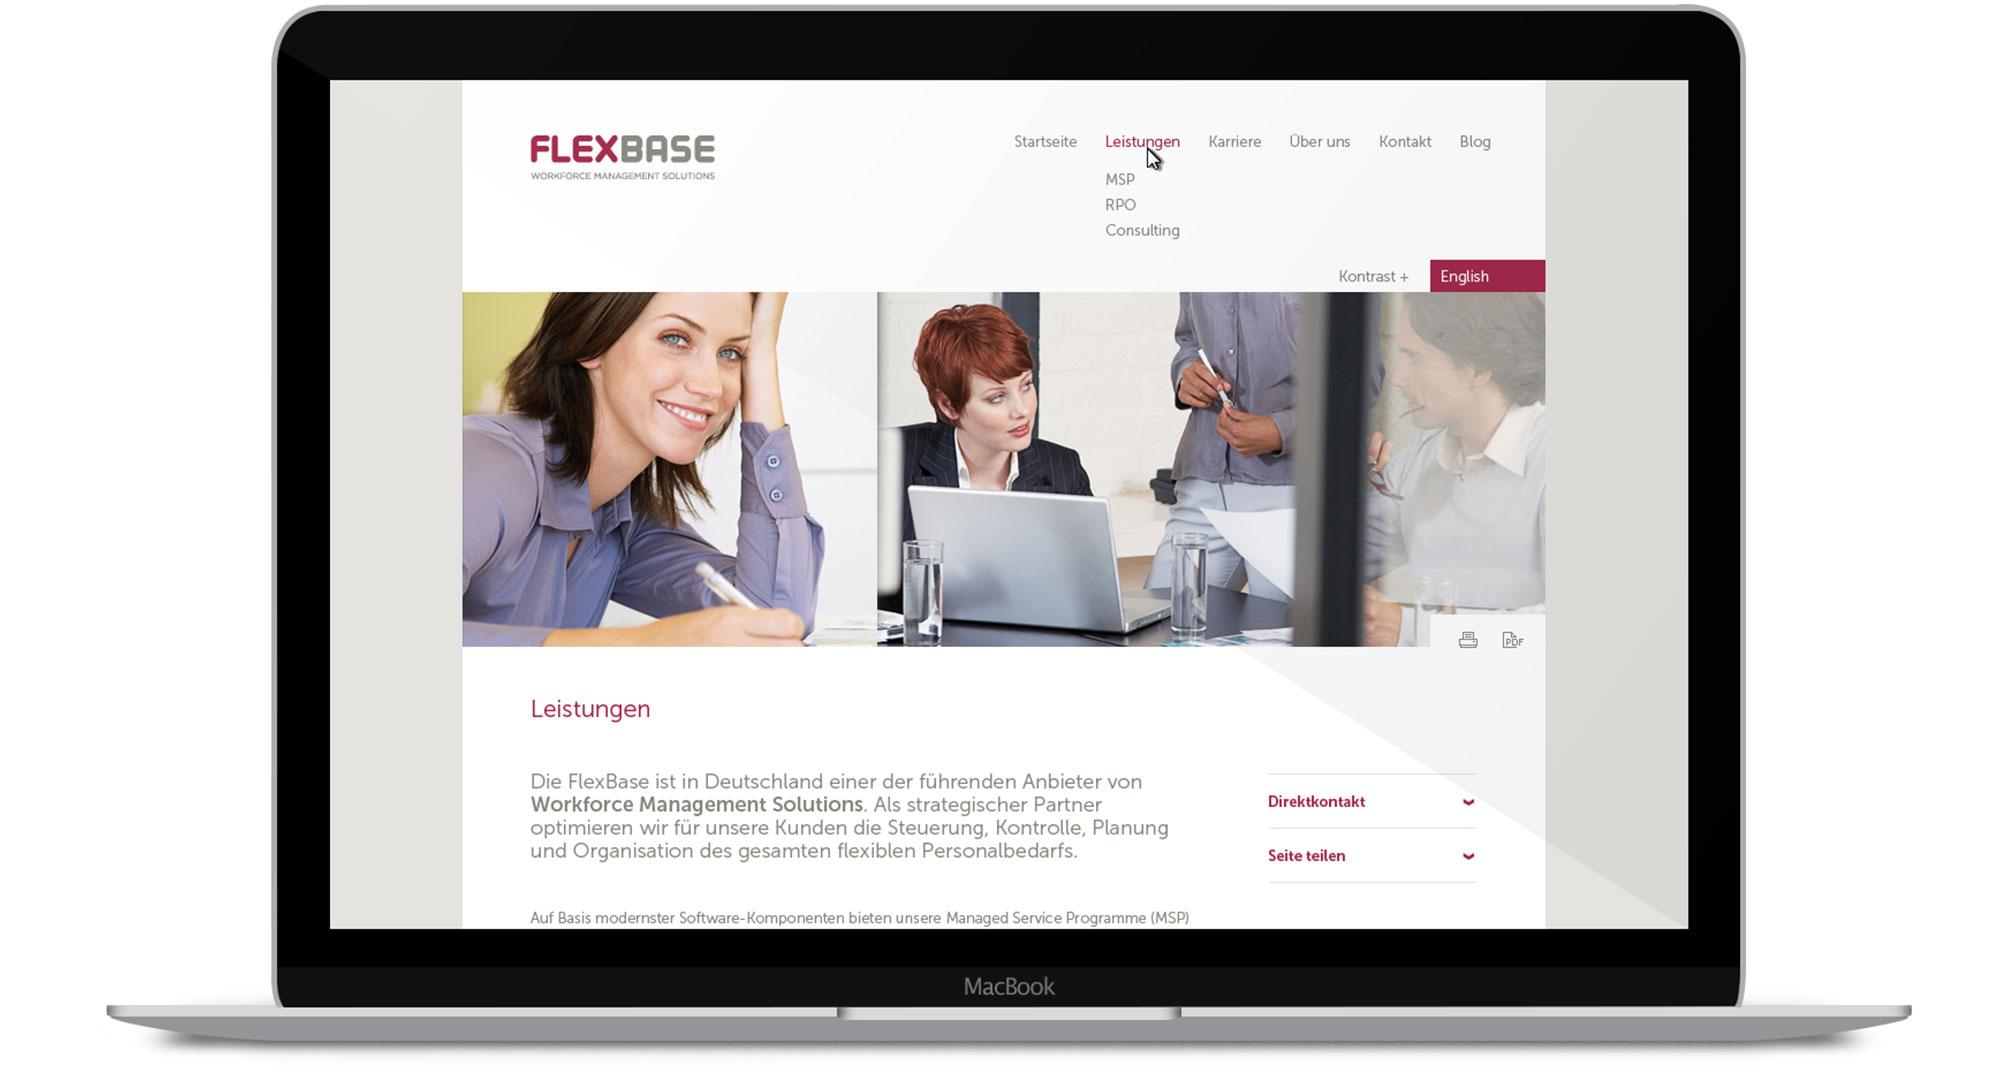 flexbase_website_2